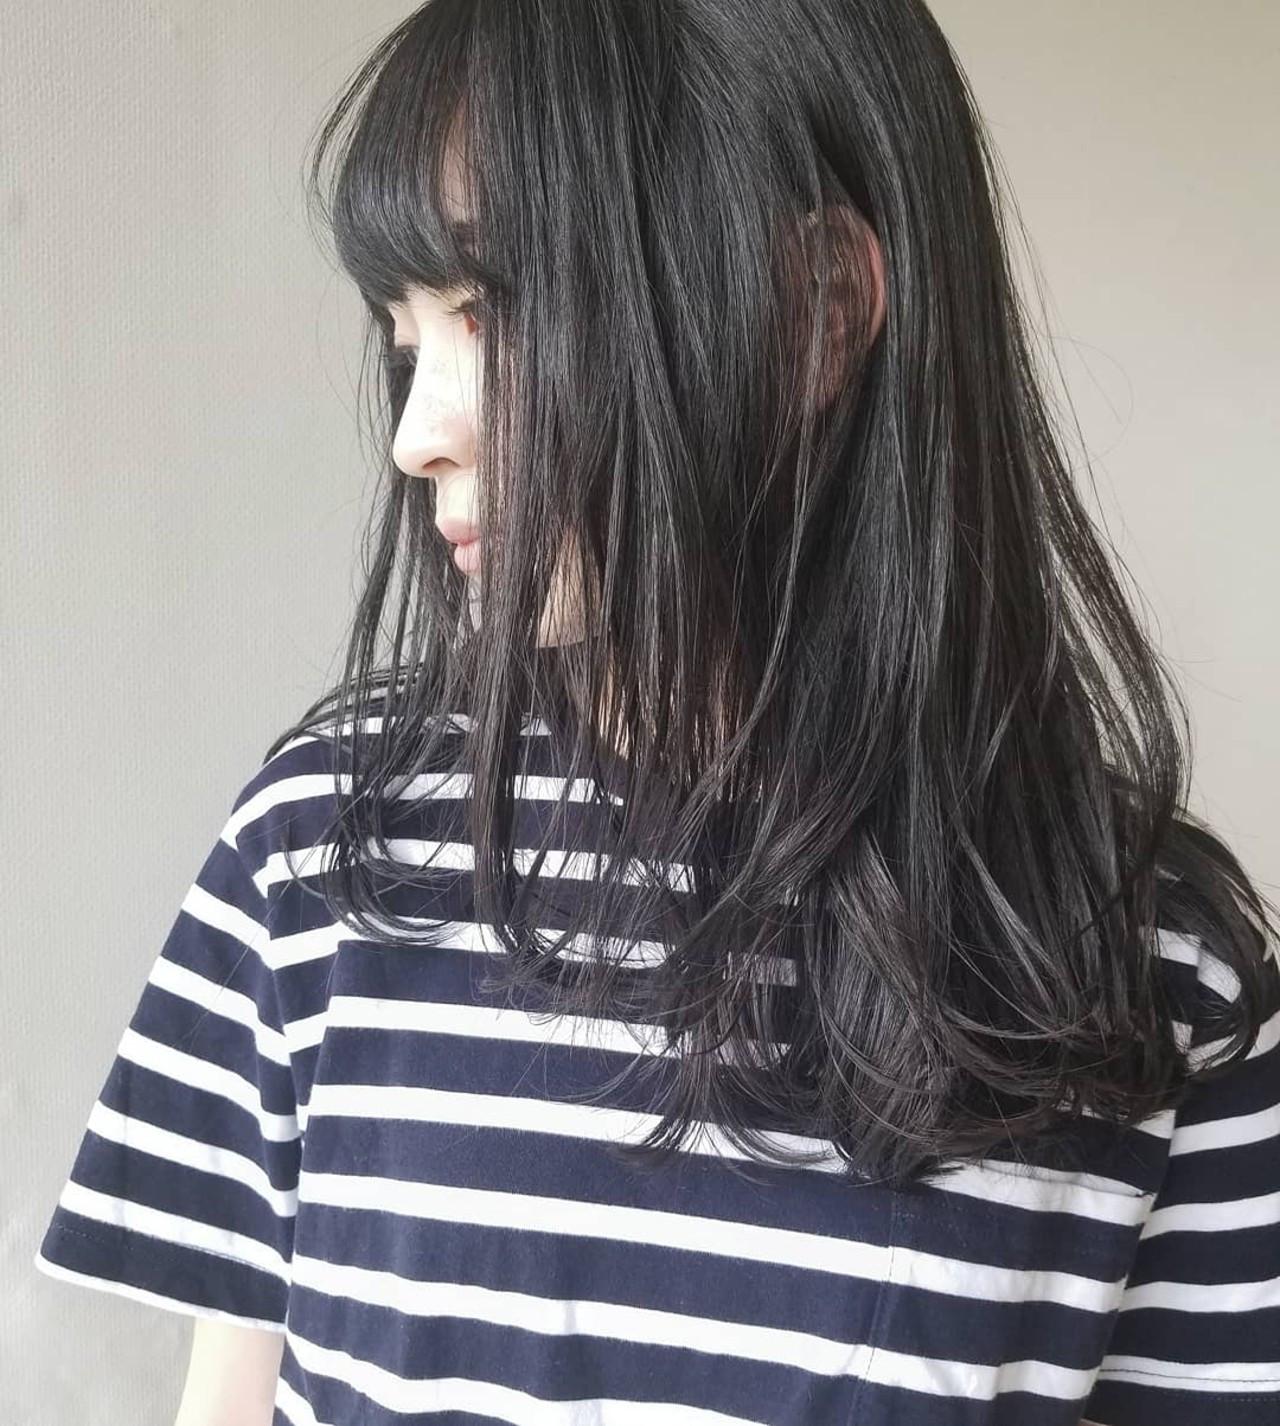 黒髪 透明感 セミロング ゆるふわ ヘアスタイルや髪型の写真・画像